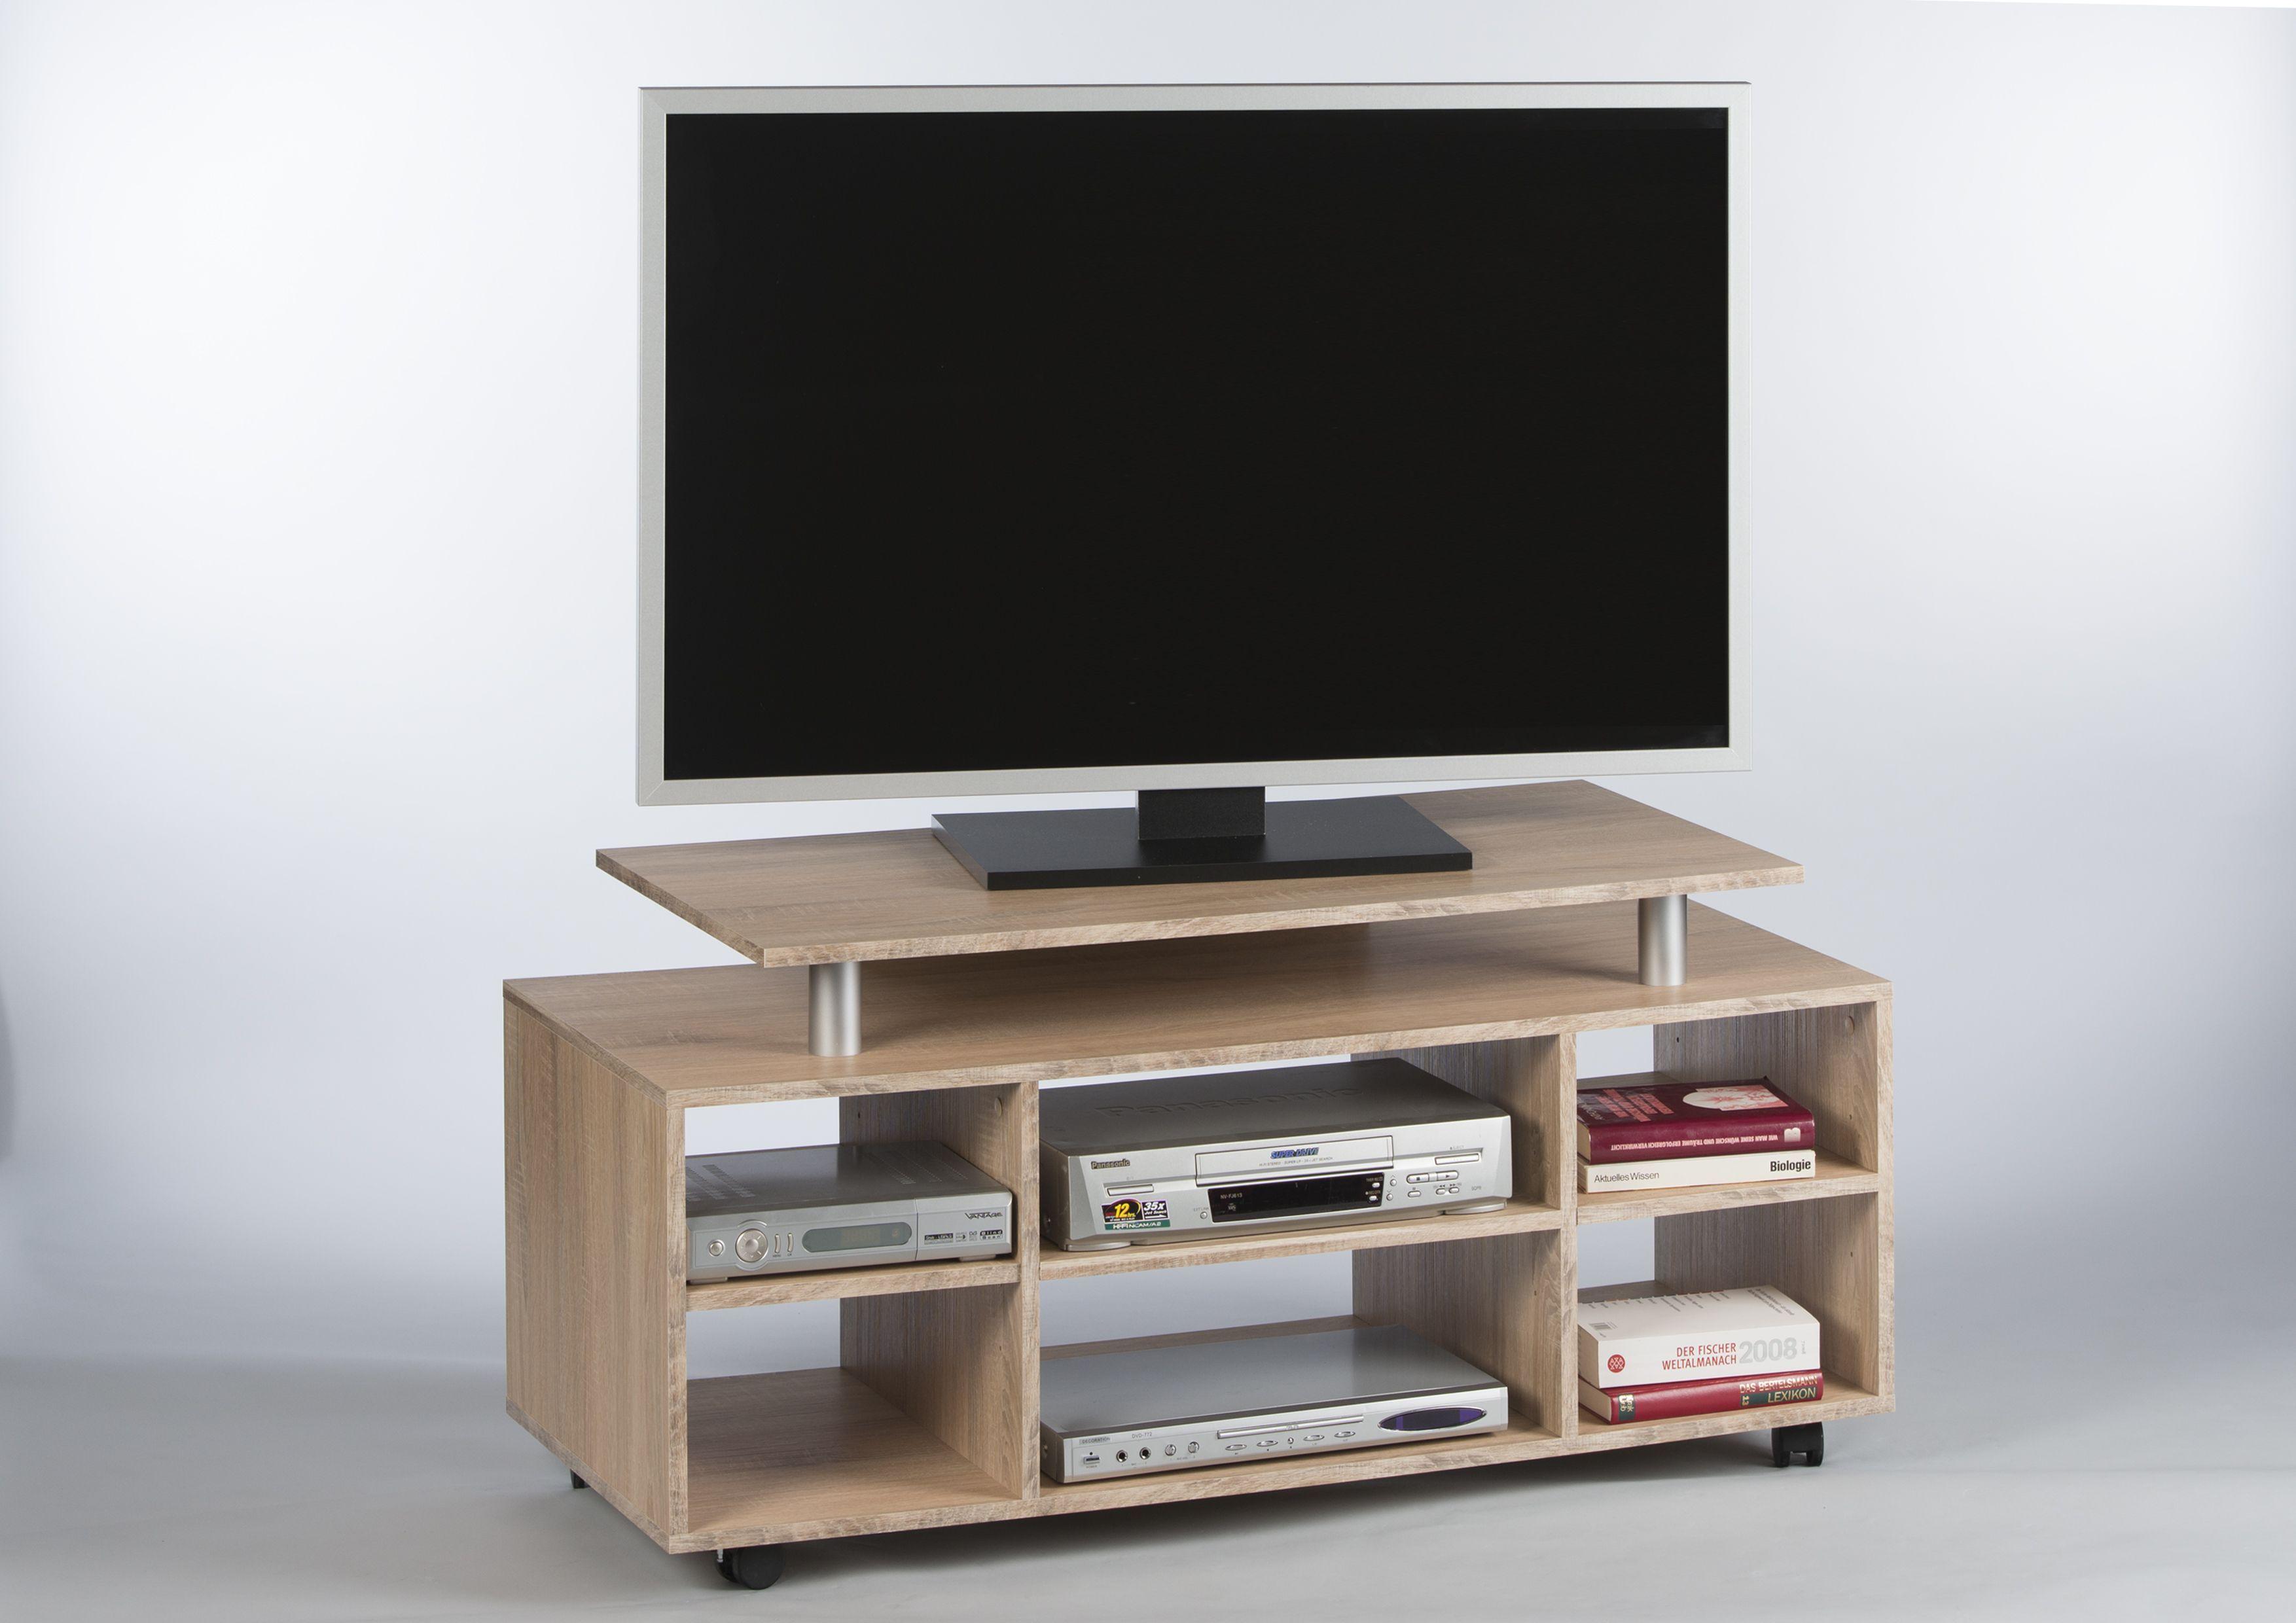 Tv möbel holz modern  Tv-unterteil In Sonoma Woody 178-00083 Sonoma-Eiche Holz Modern ...